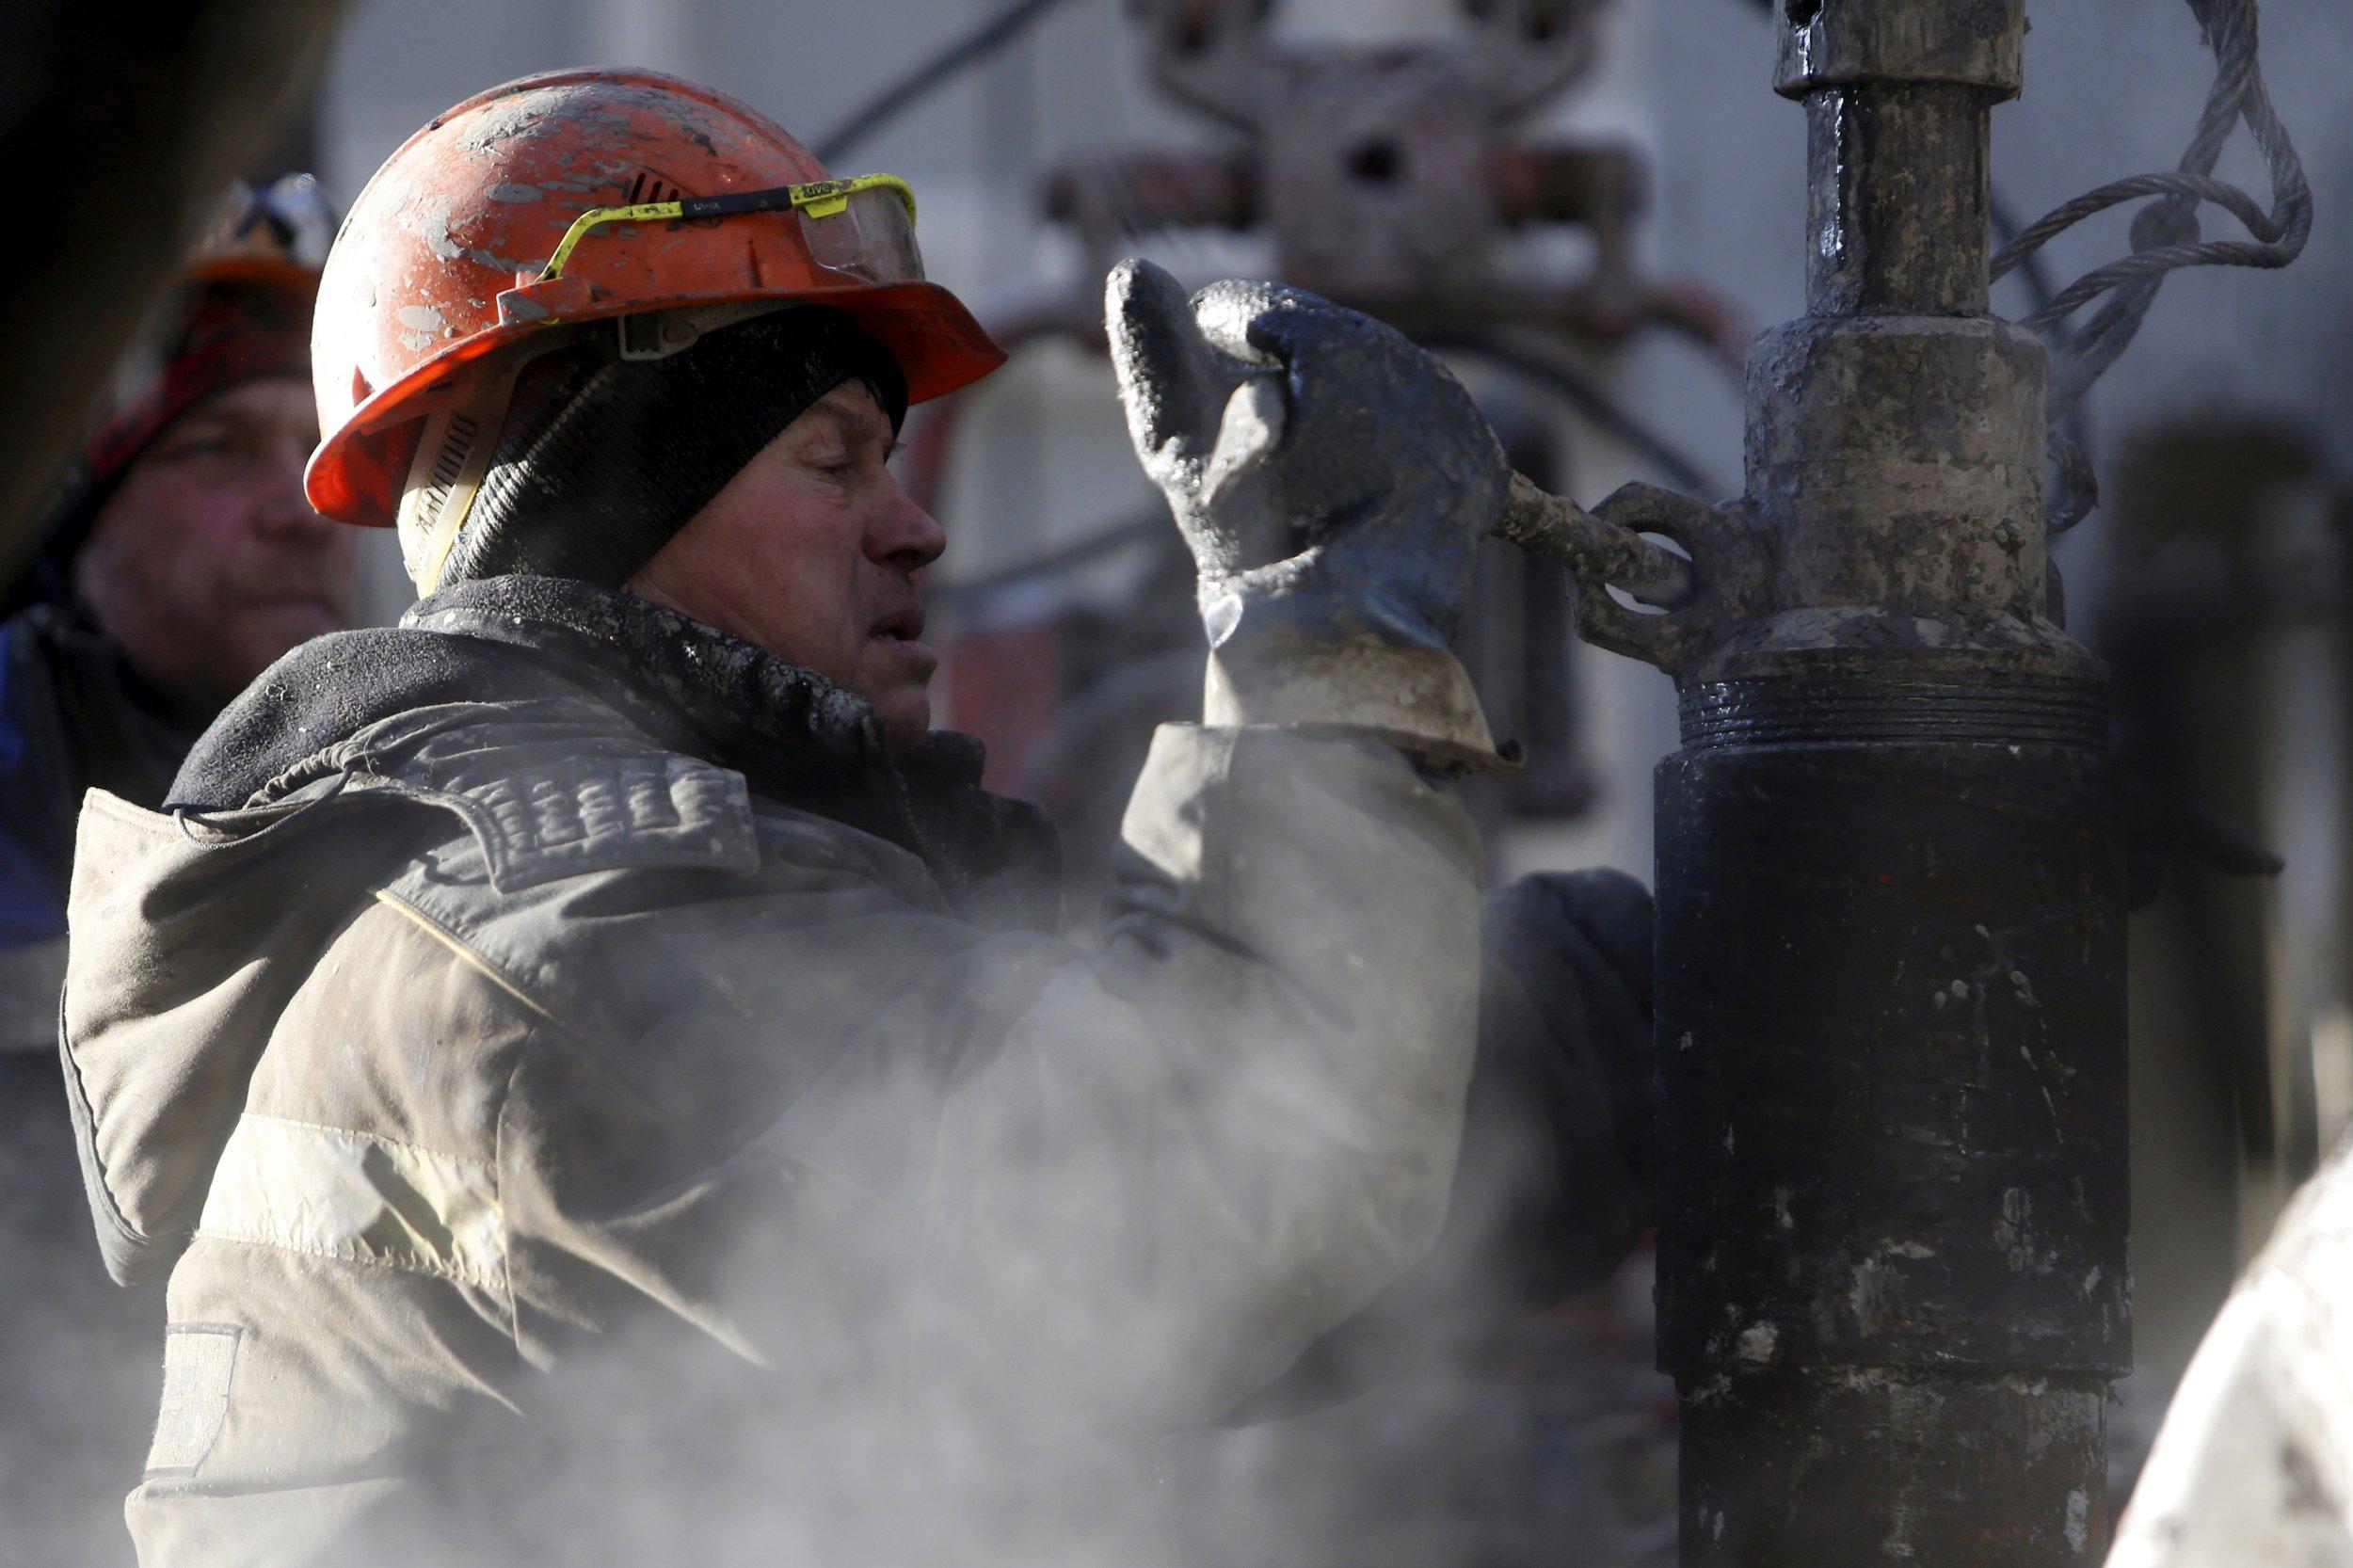 Employee in Russia